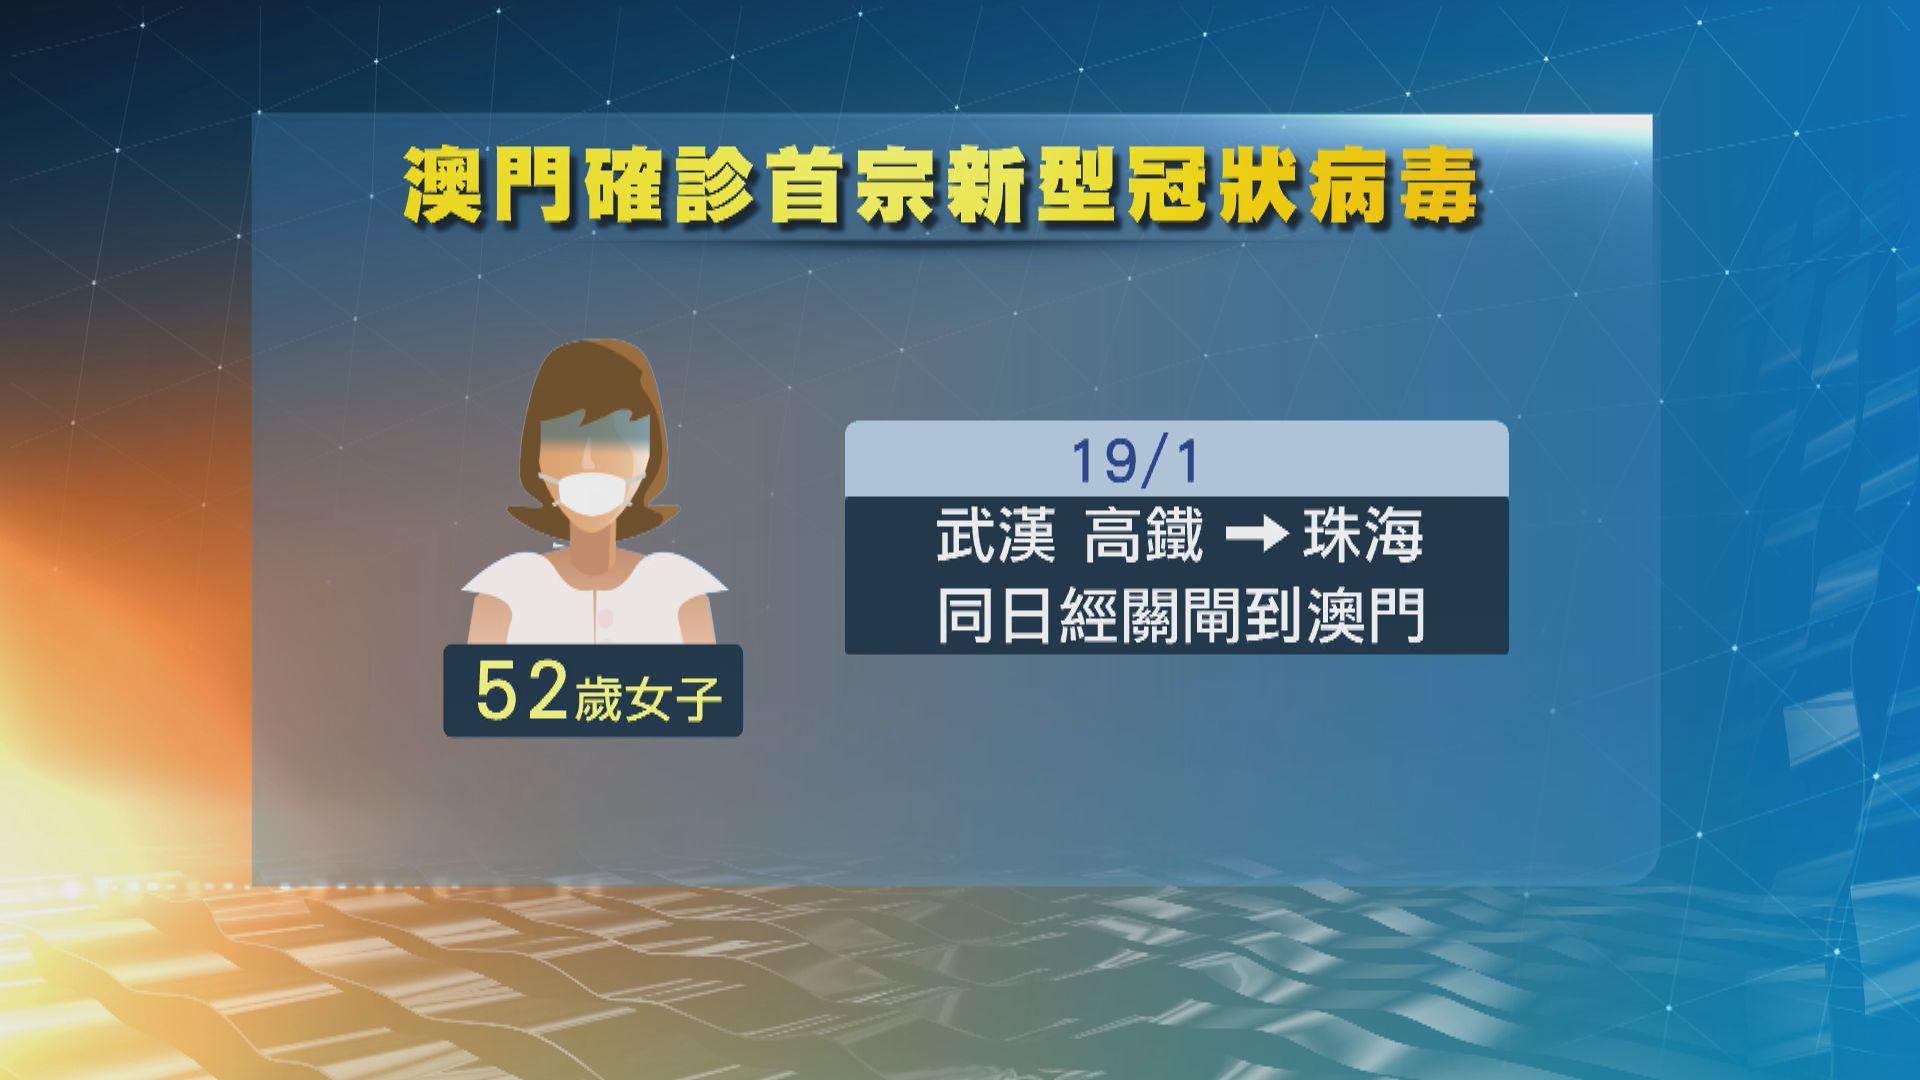 澳門確診首宗新型冠狀病毒個案 患者為武漢女商人